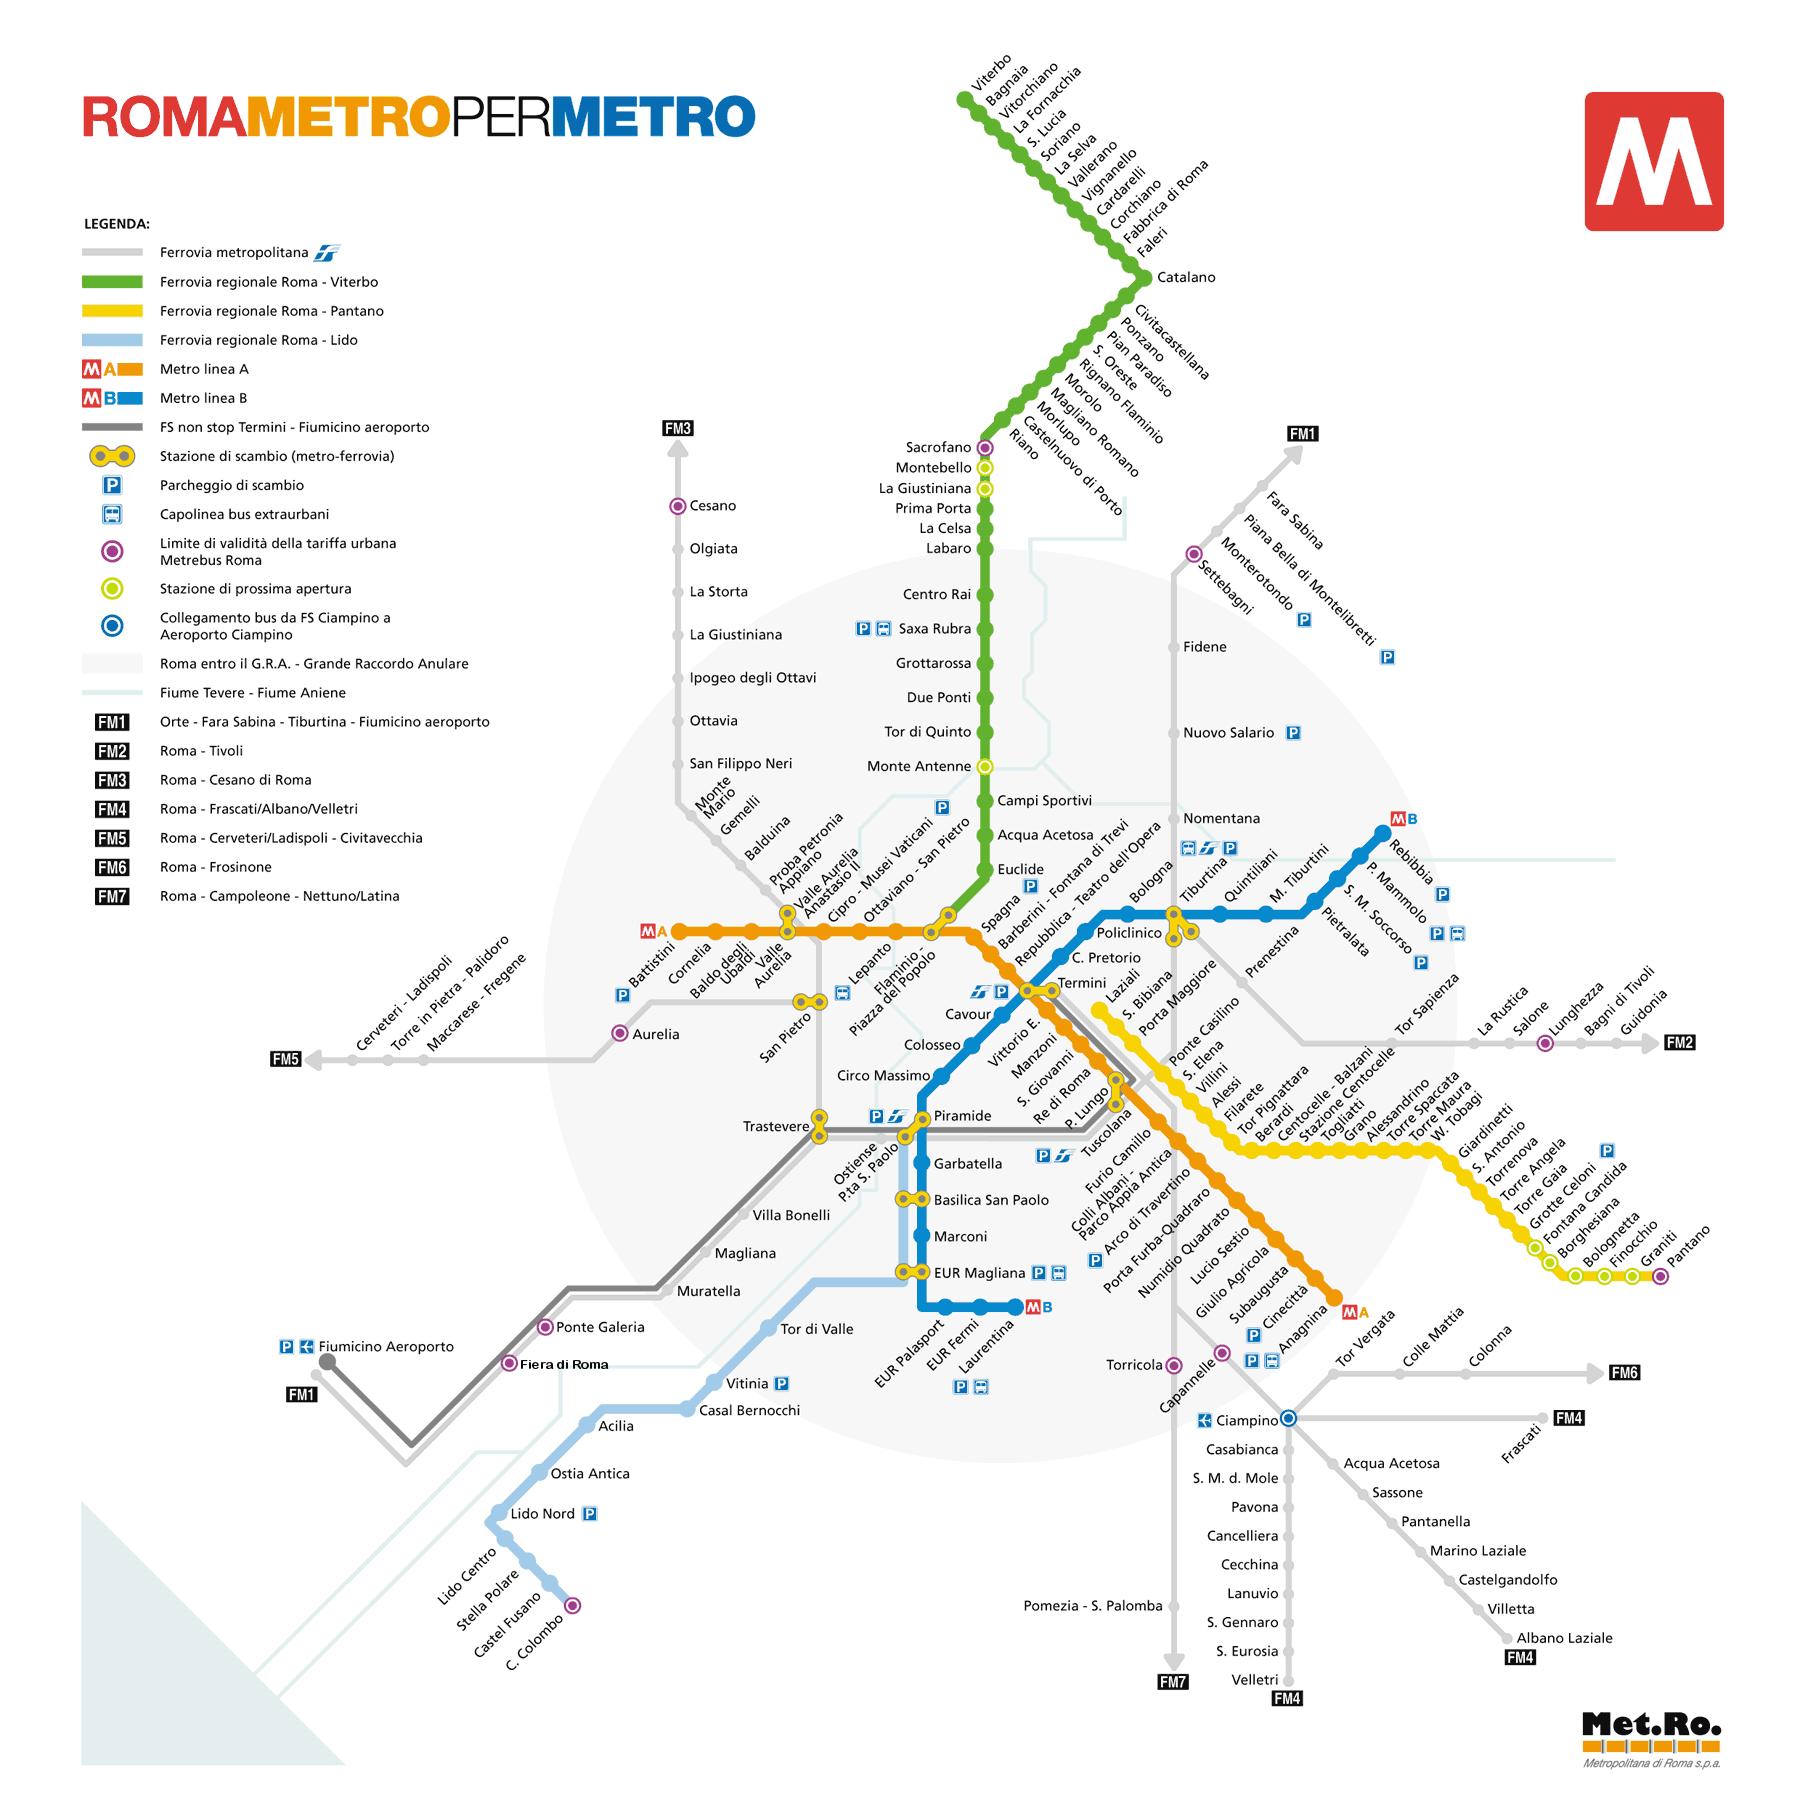 mapa metro de roma italia Metro De Roma Mapa   Younglaunch mapa metro de roma italia